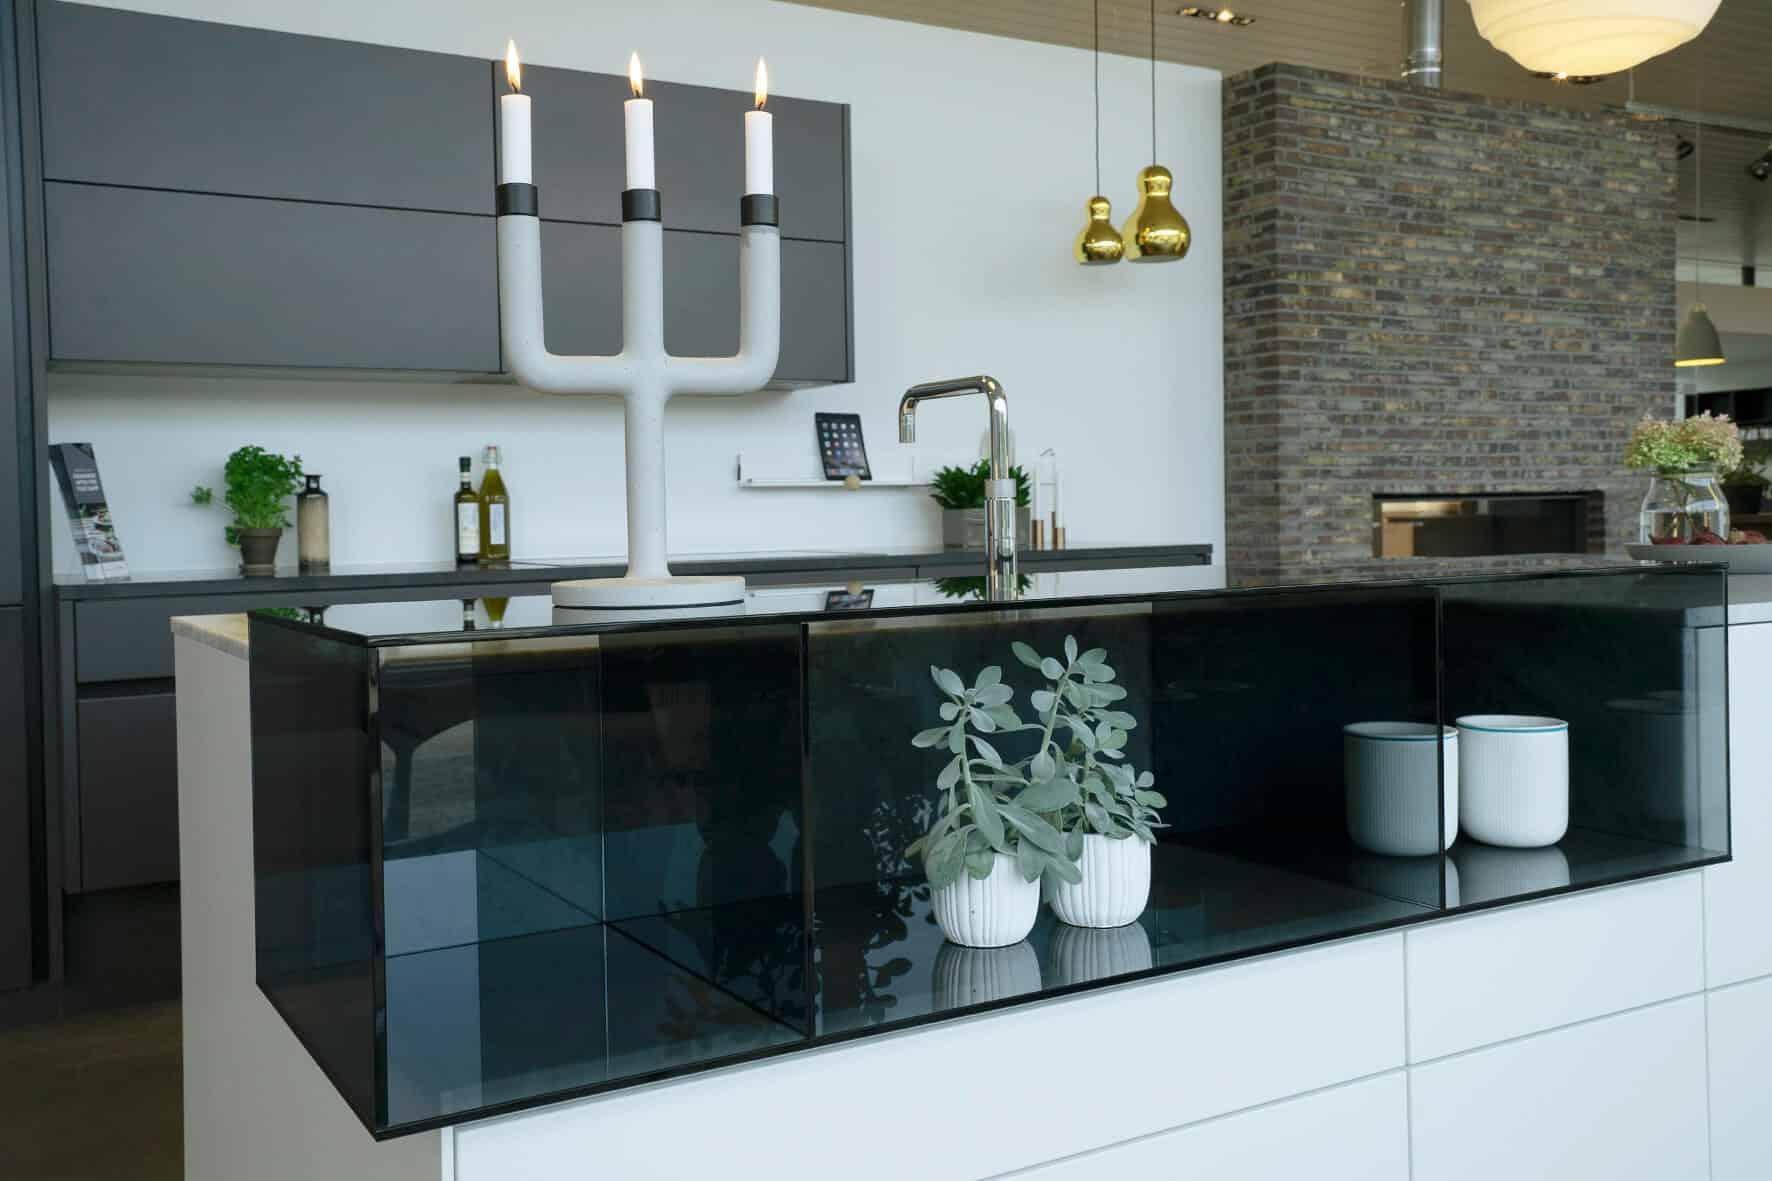 Sensationelle Vaske – vælg den helt rigtige vask til dit nye køkken eller bad GP34